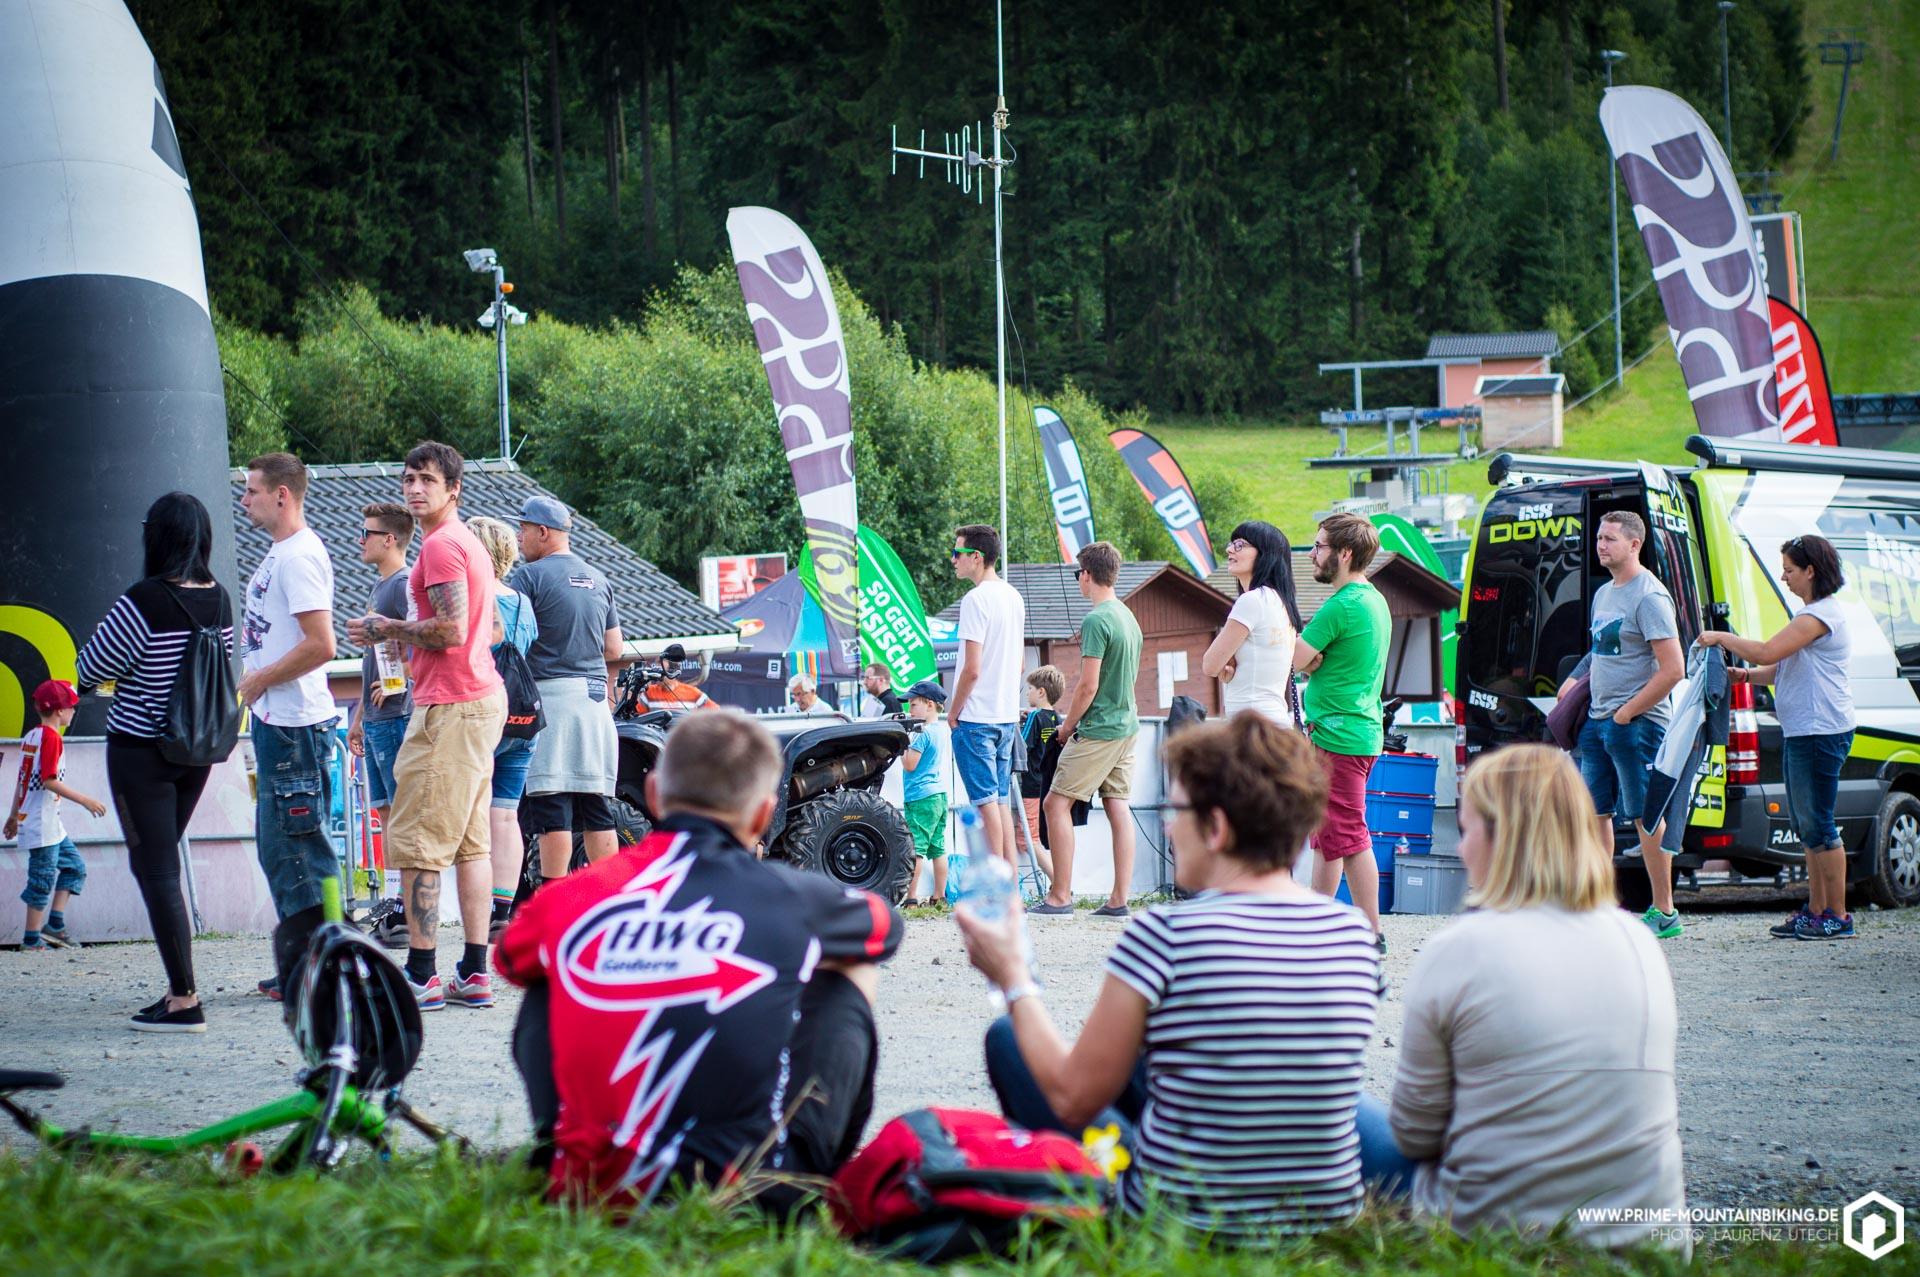 Der Zielsprung in Schöneck konnte Katapult ähnliche Kräfte entwickeln, was zum einen zu großem Erstaunen bei den Zuschauern und zum anderen leider auch zu so manchem Sturz führte.